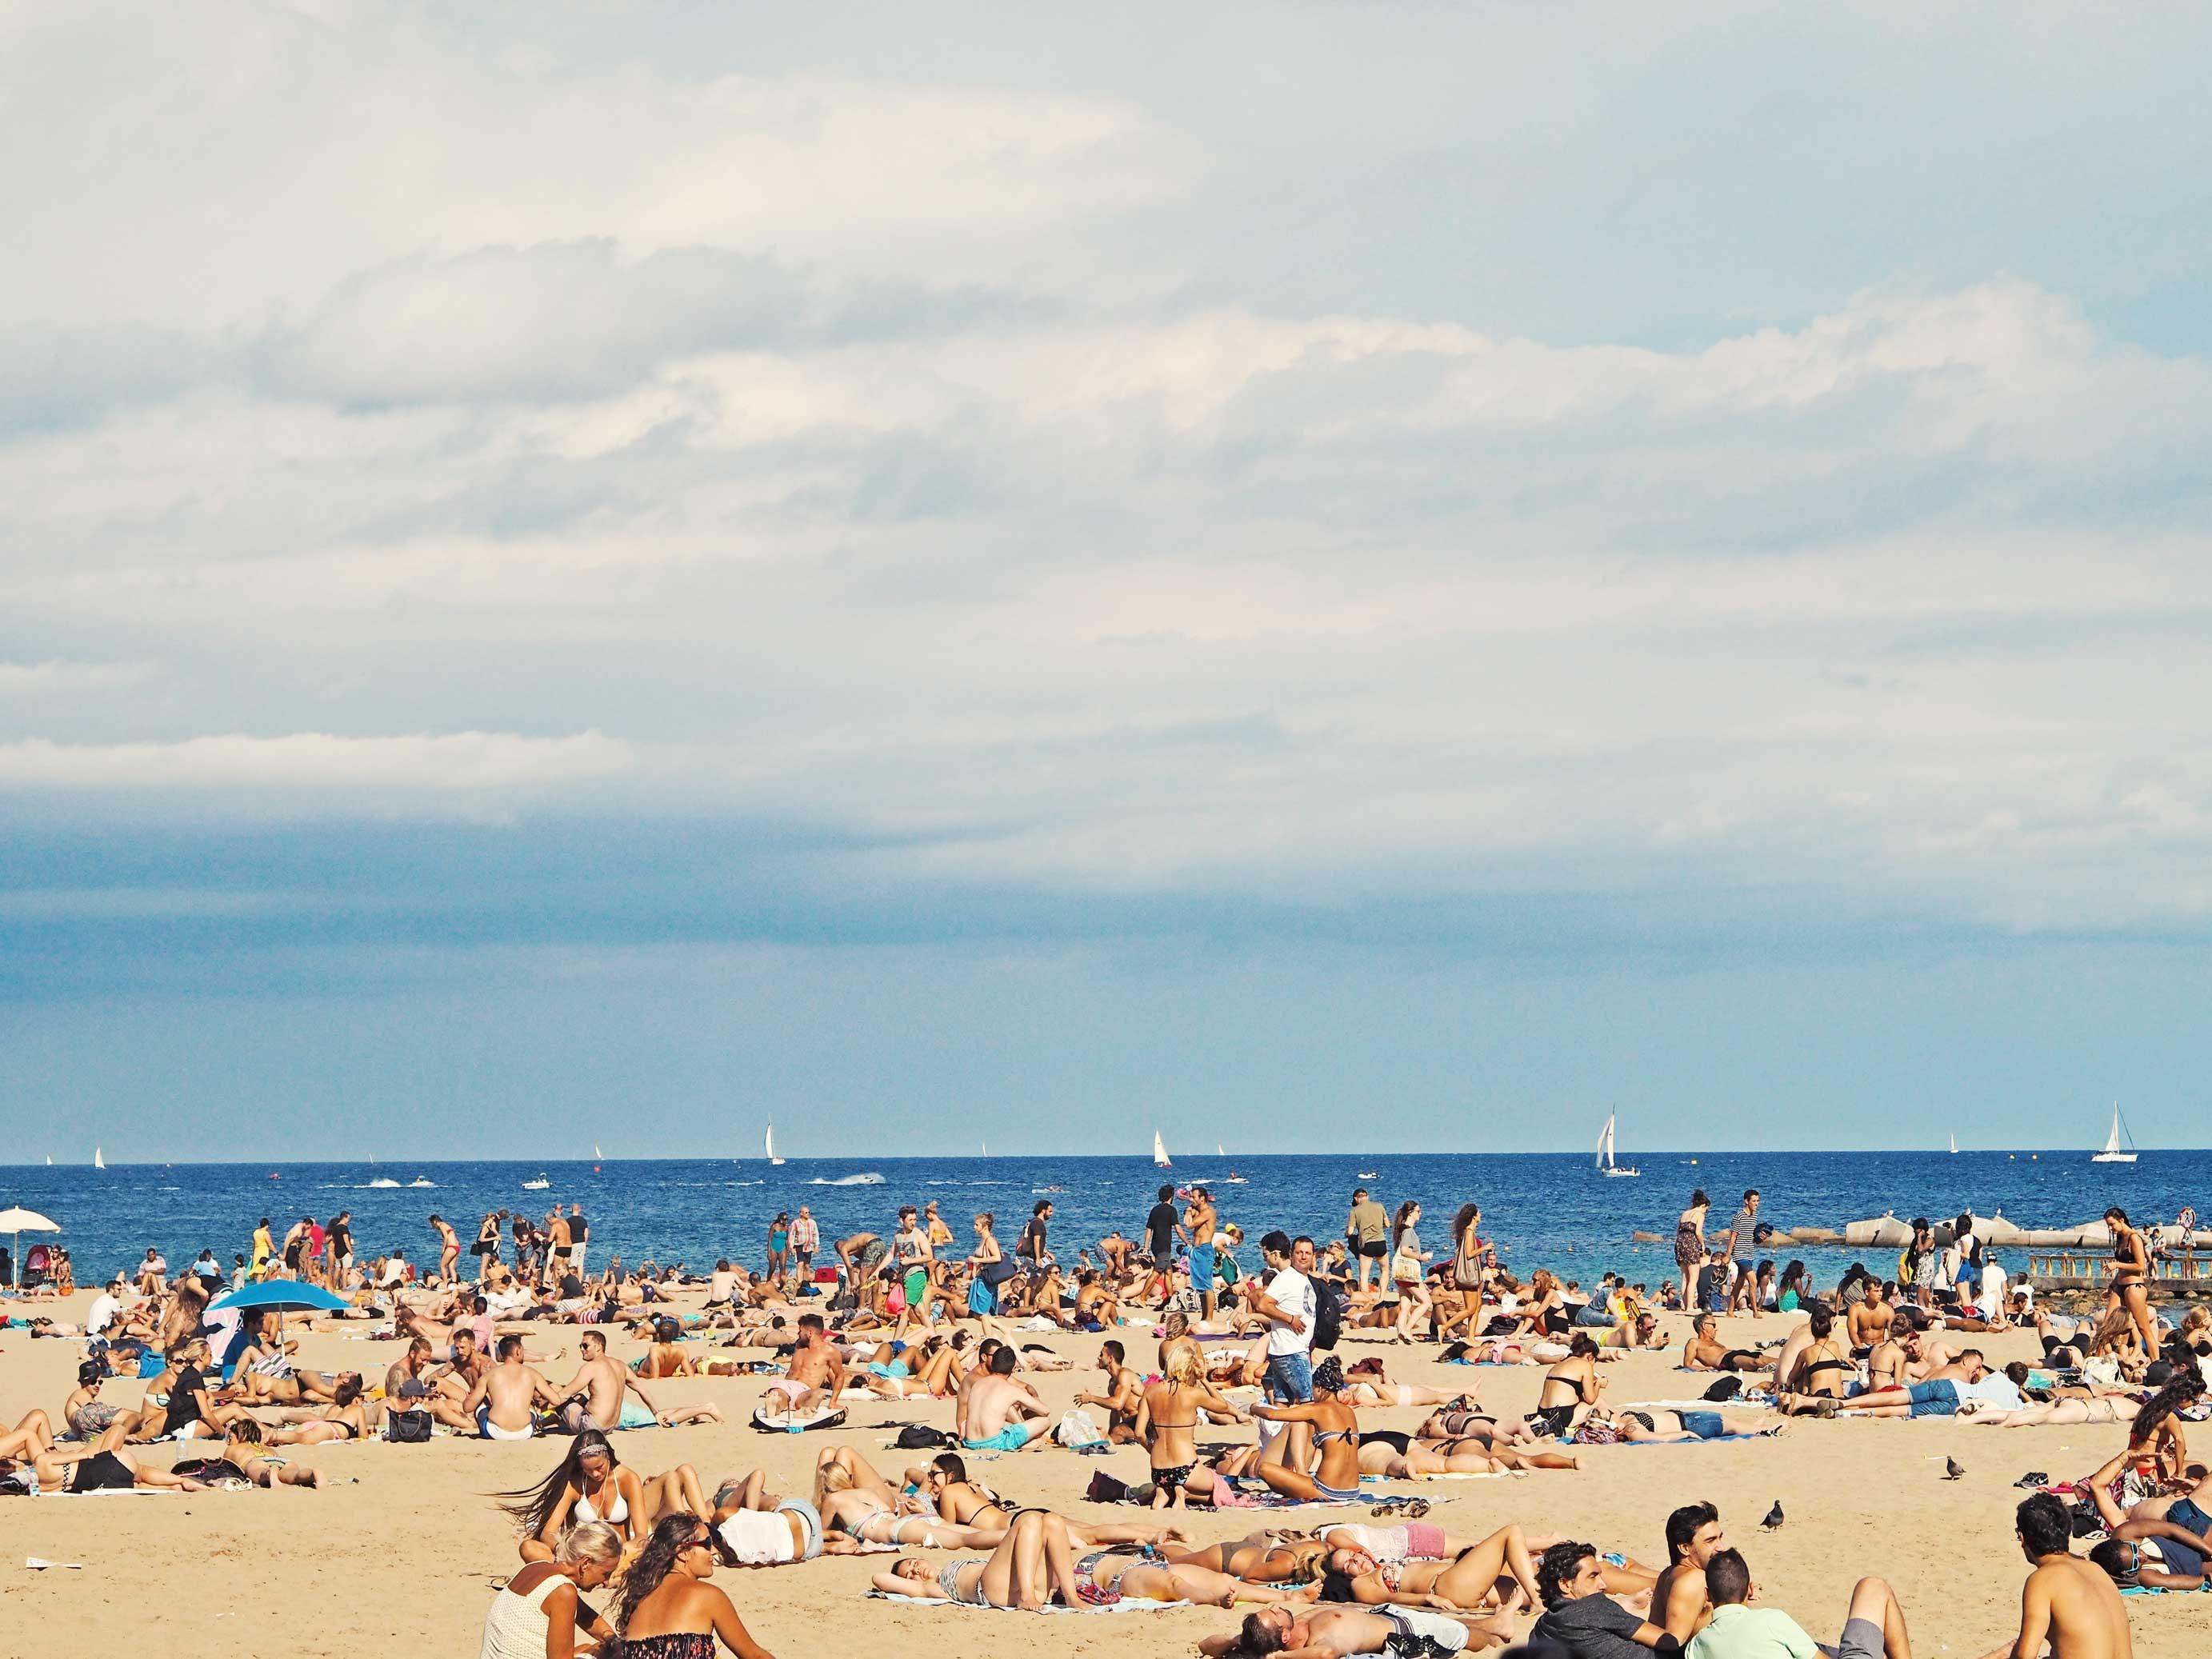 Menschen beim Sonnenbaden am Strand